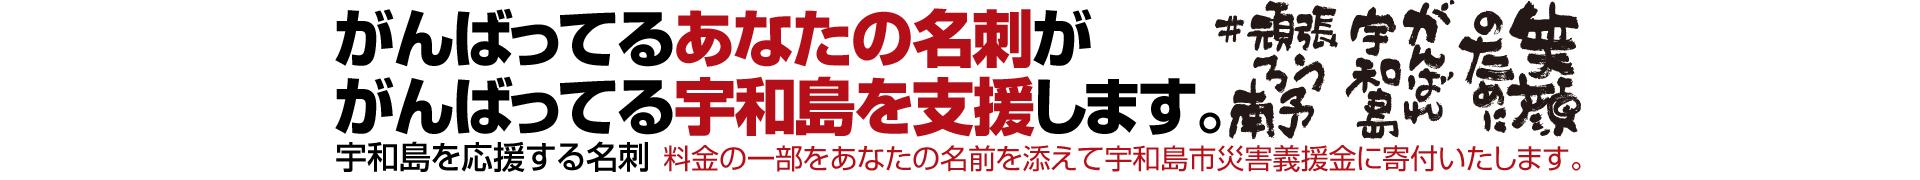 宇和島を応援する名刺